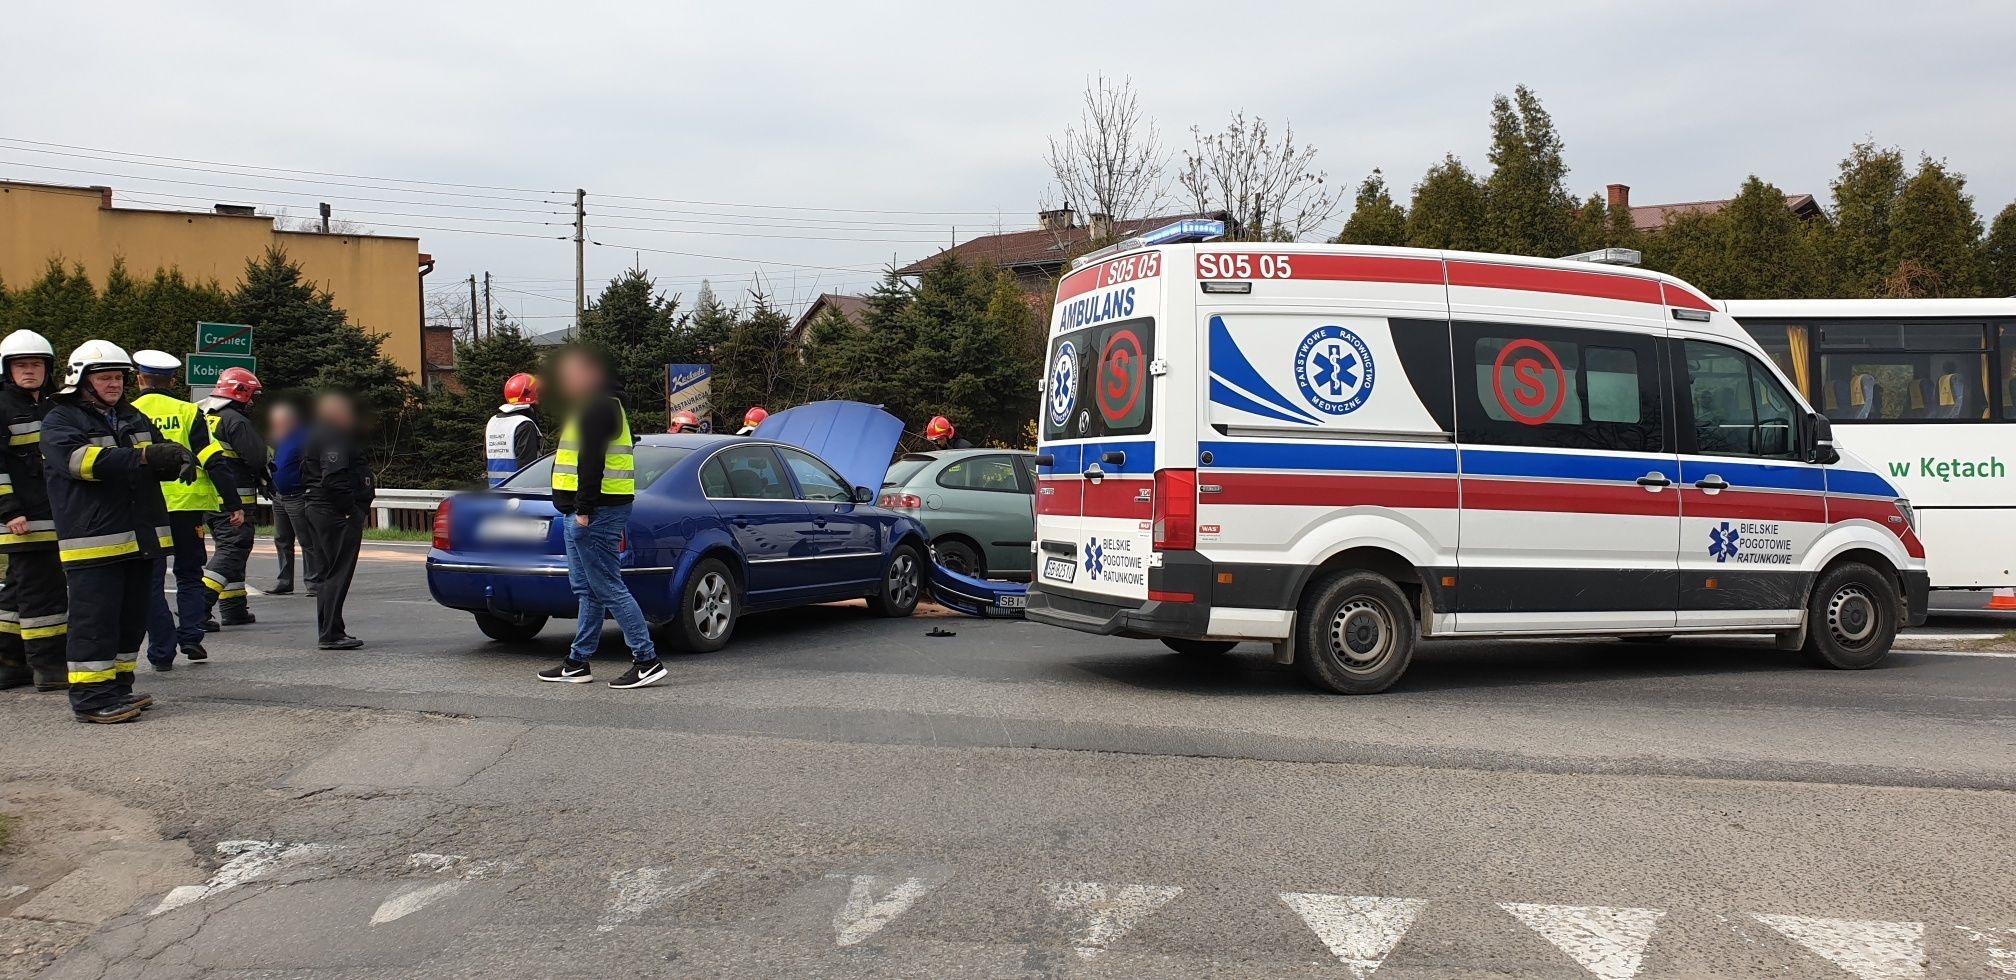 Zderzenie na skrzyżowaniu. Dwa samochody osobowe i autobus